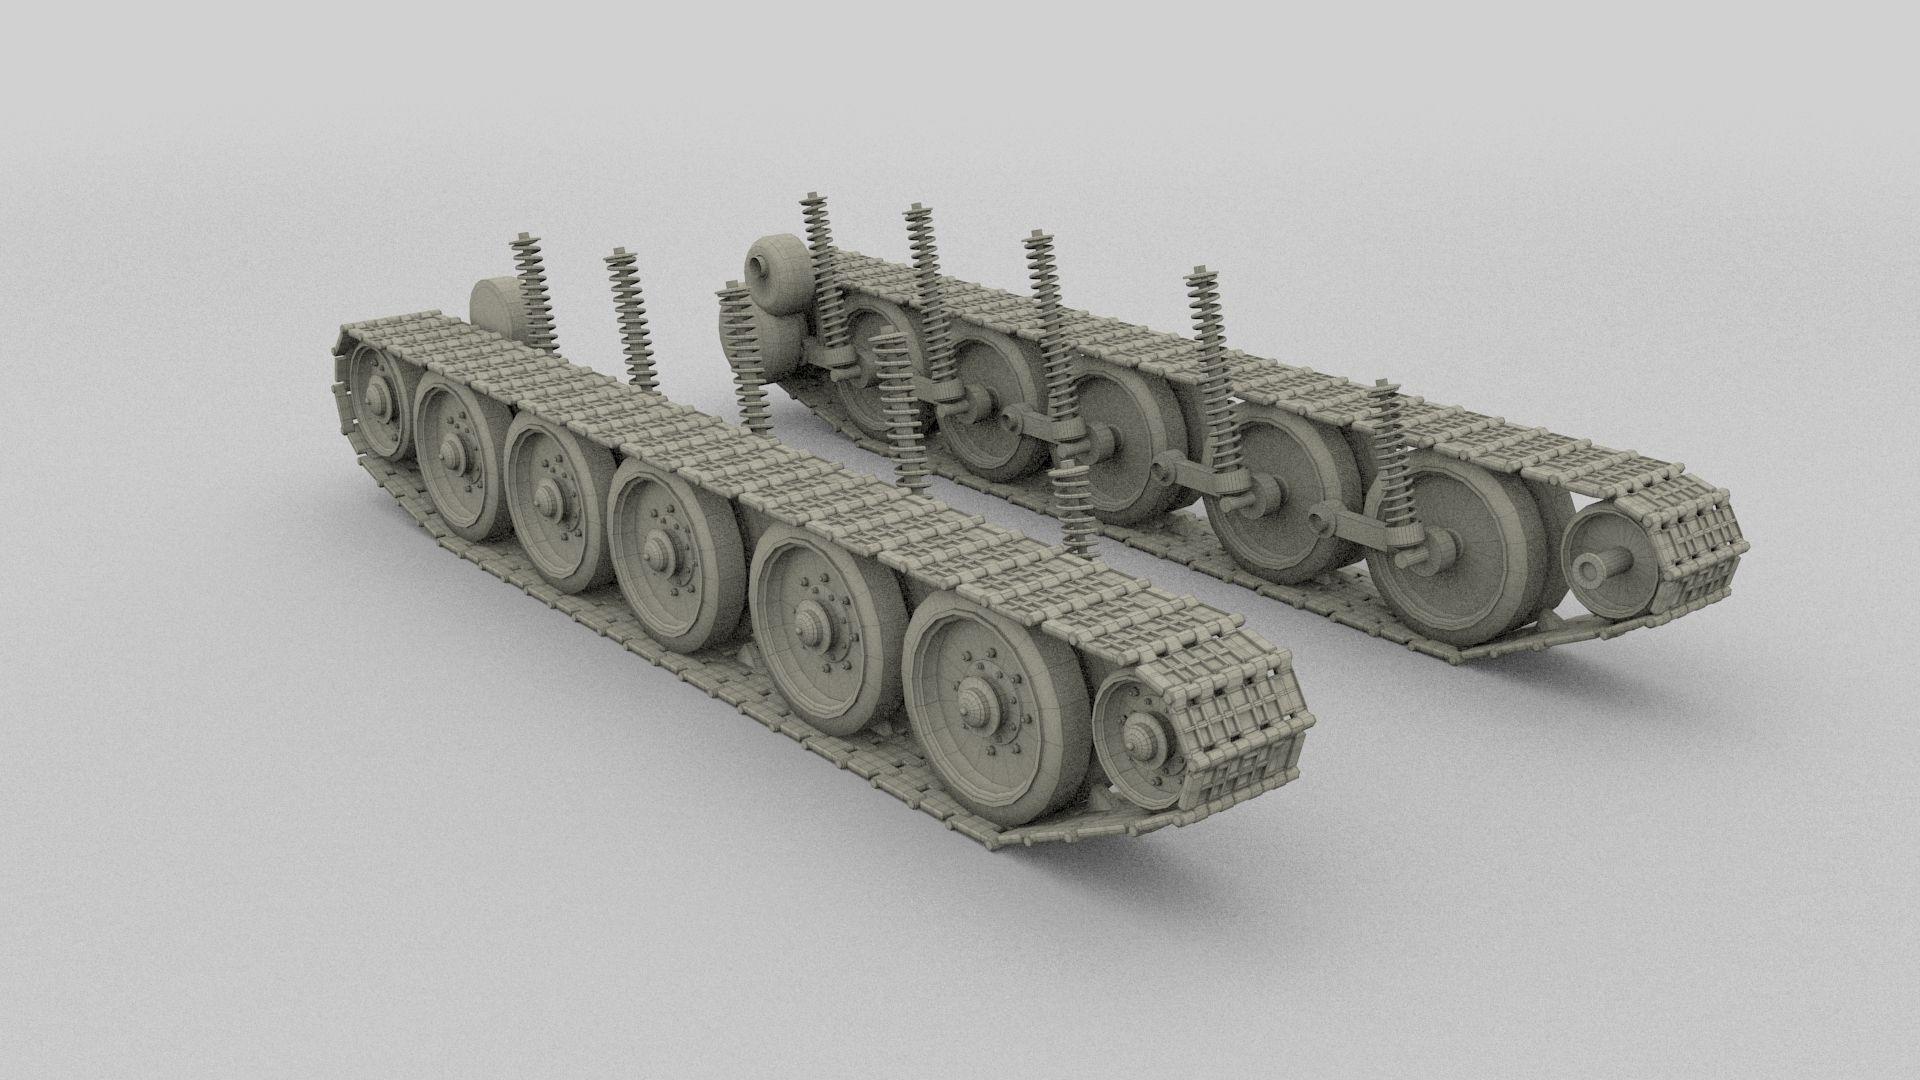 T 34 Tank Tracks And Suspension 3d Model Obj Fbx Stl Blend